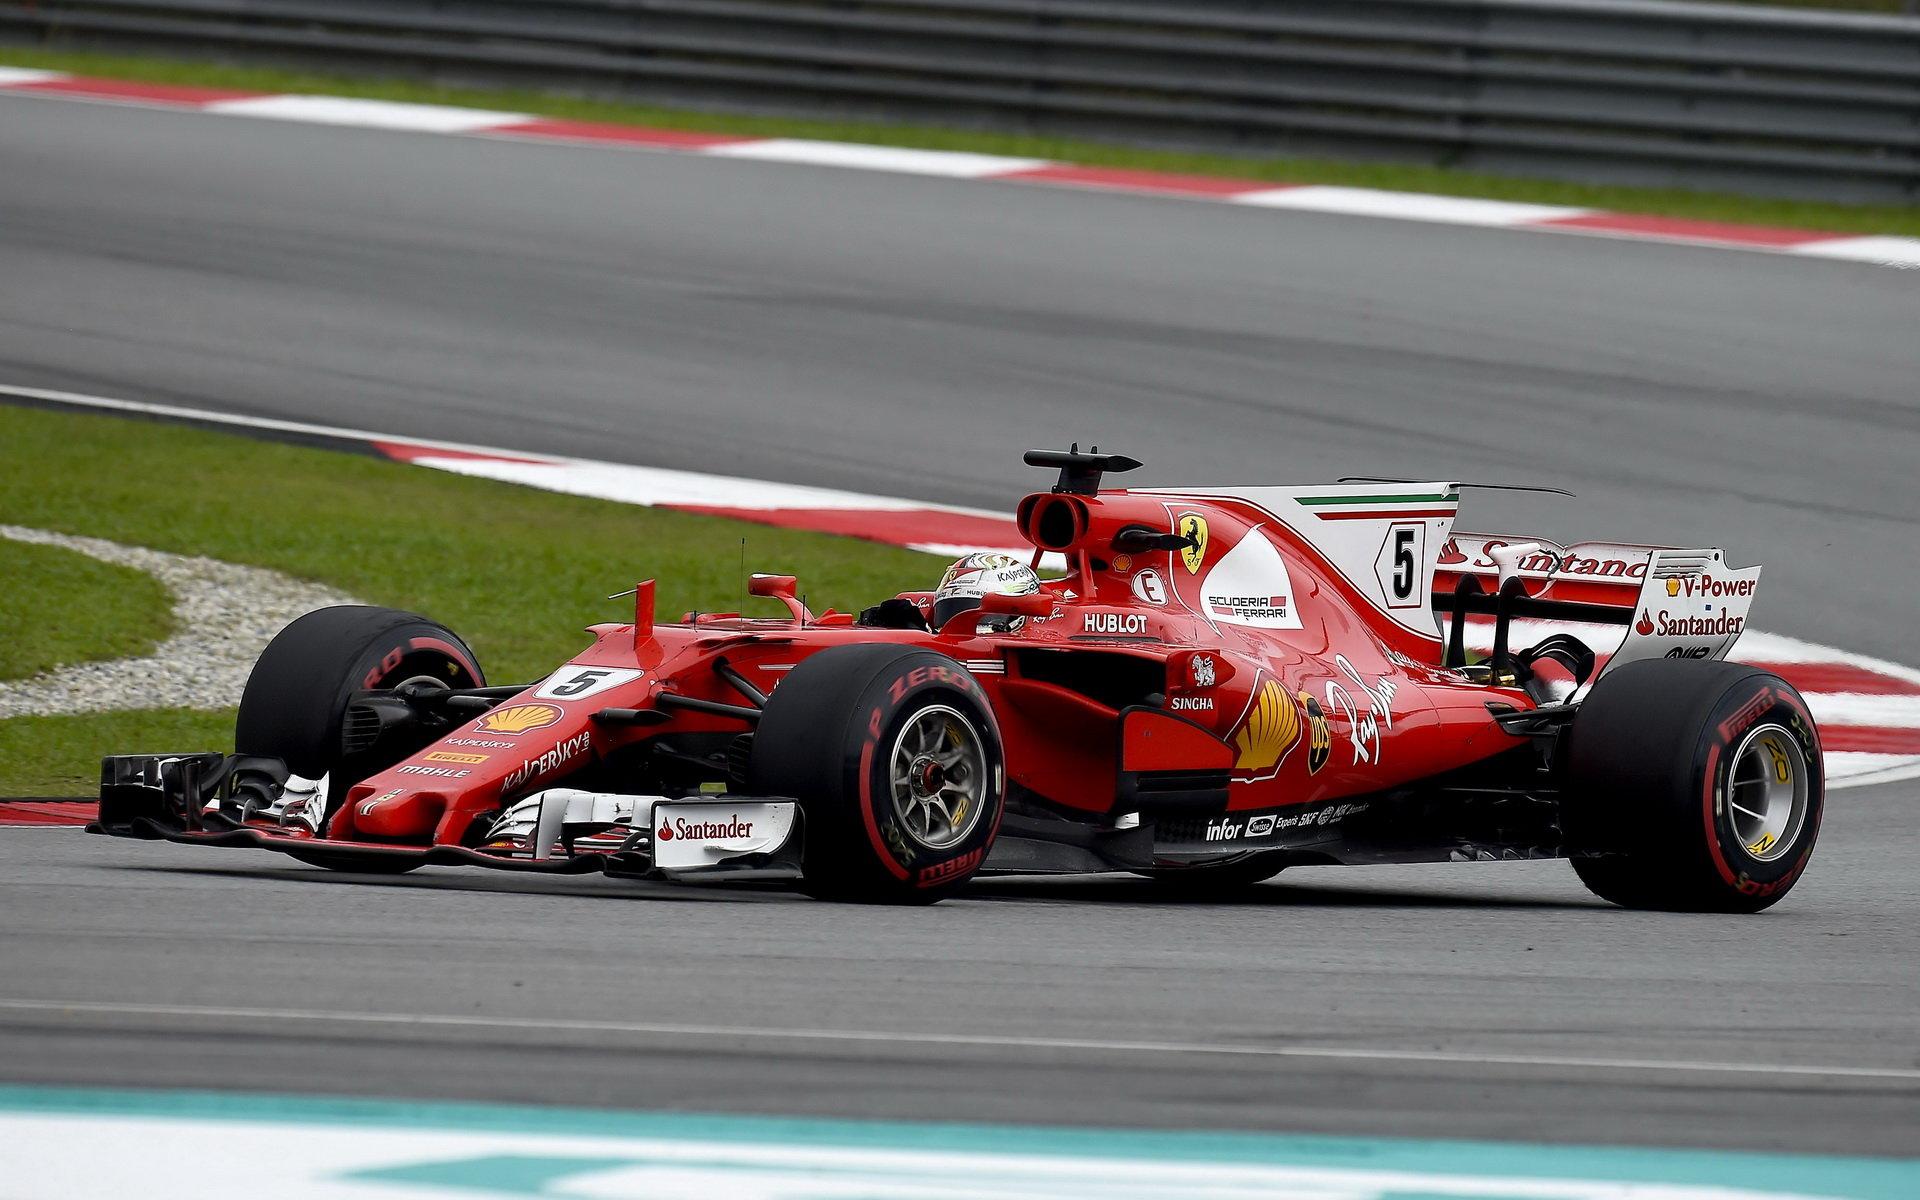 Ferrari má rychle auto a Vettel věří, že s ním můžou zbylé čtyři závody sezóny vyhrát